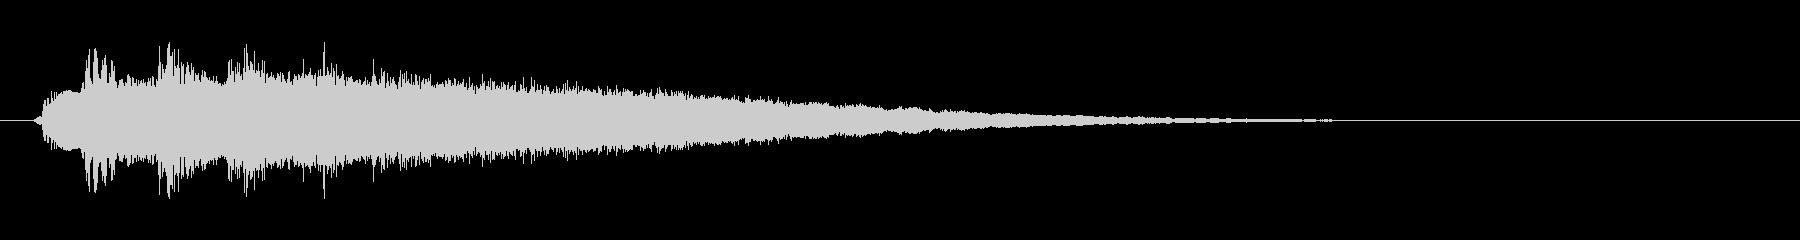 ピューン①↓(短め落下・逃走・コミカル)の未再生の波形